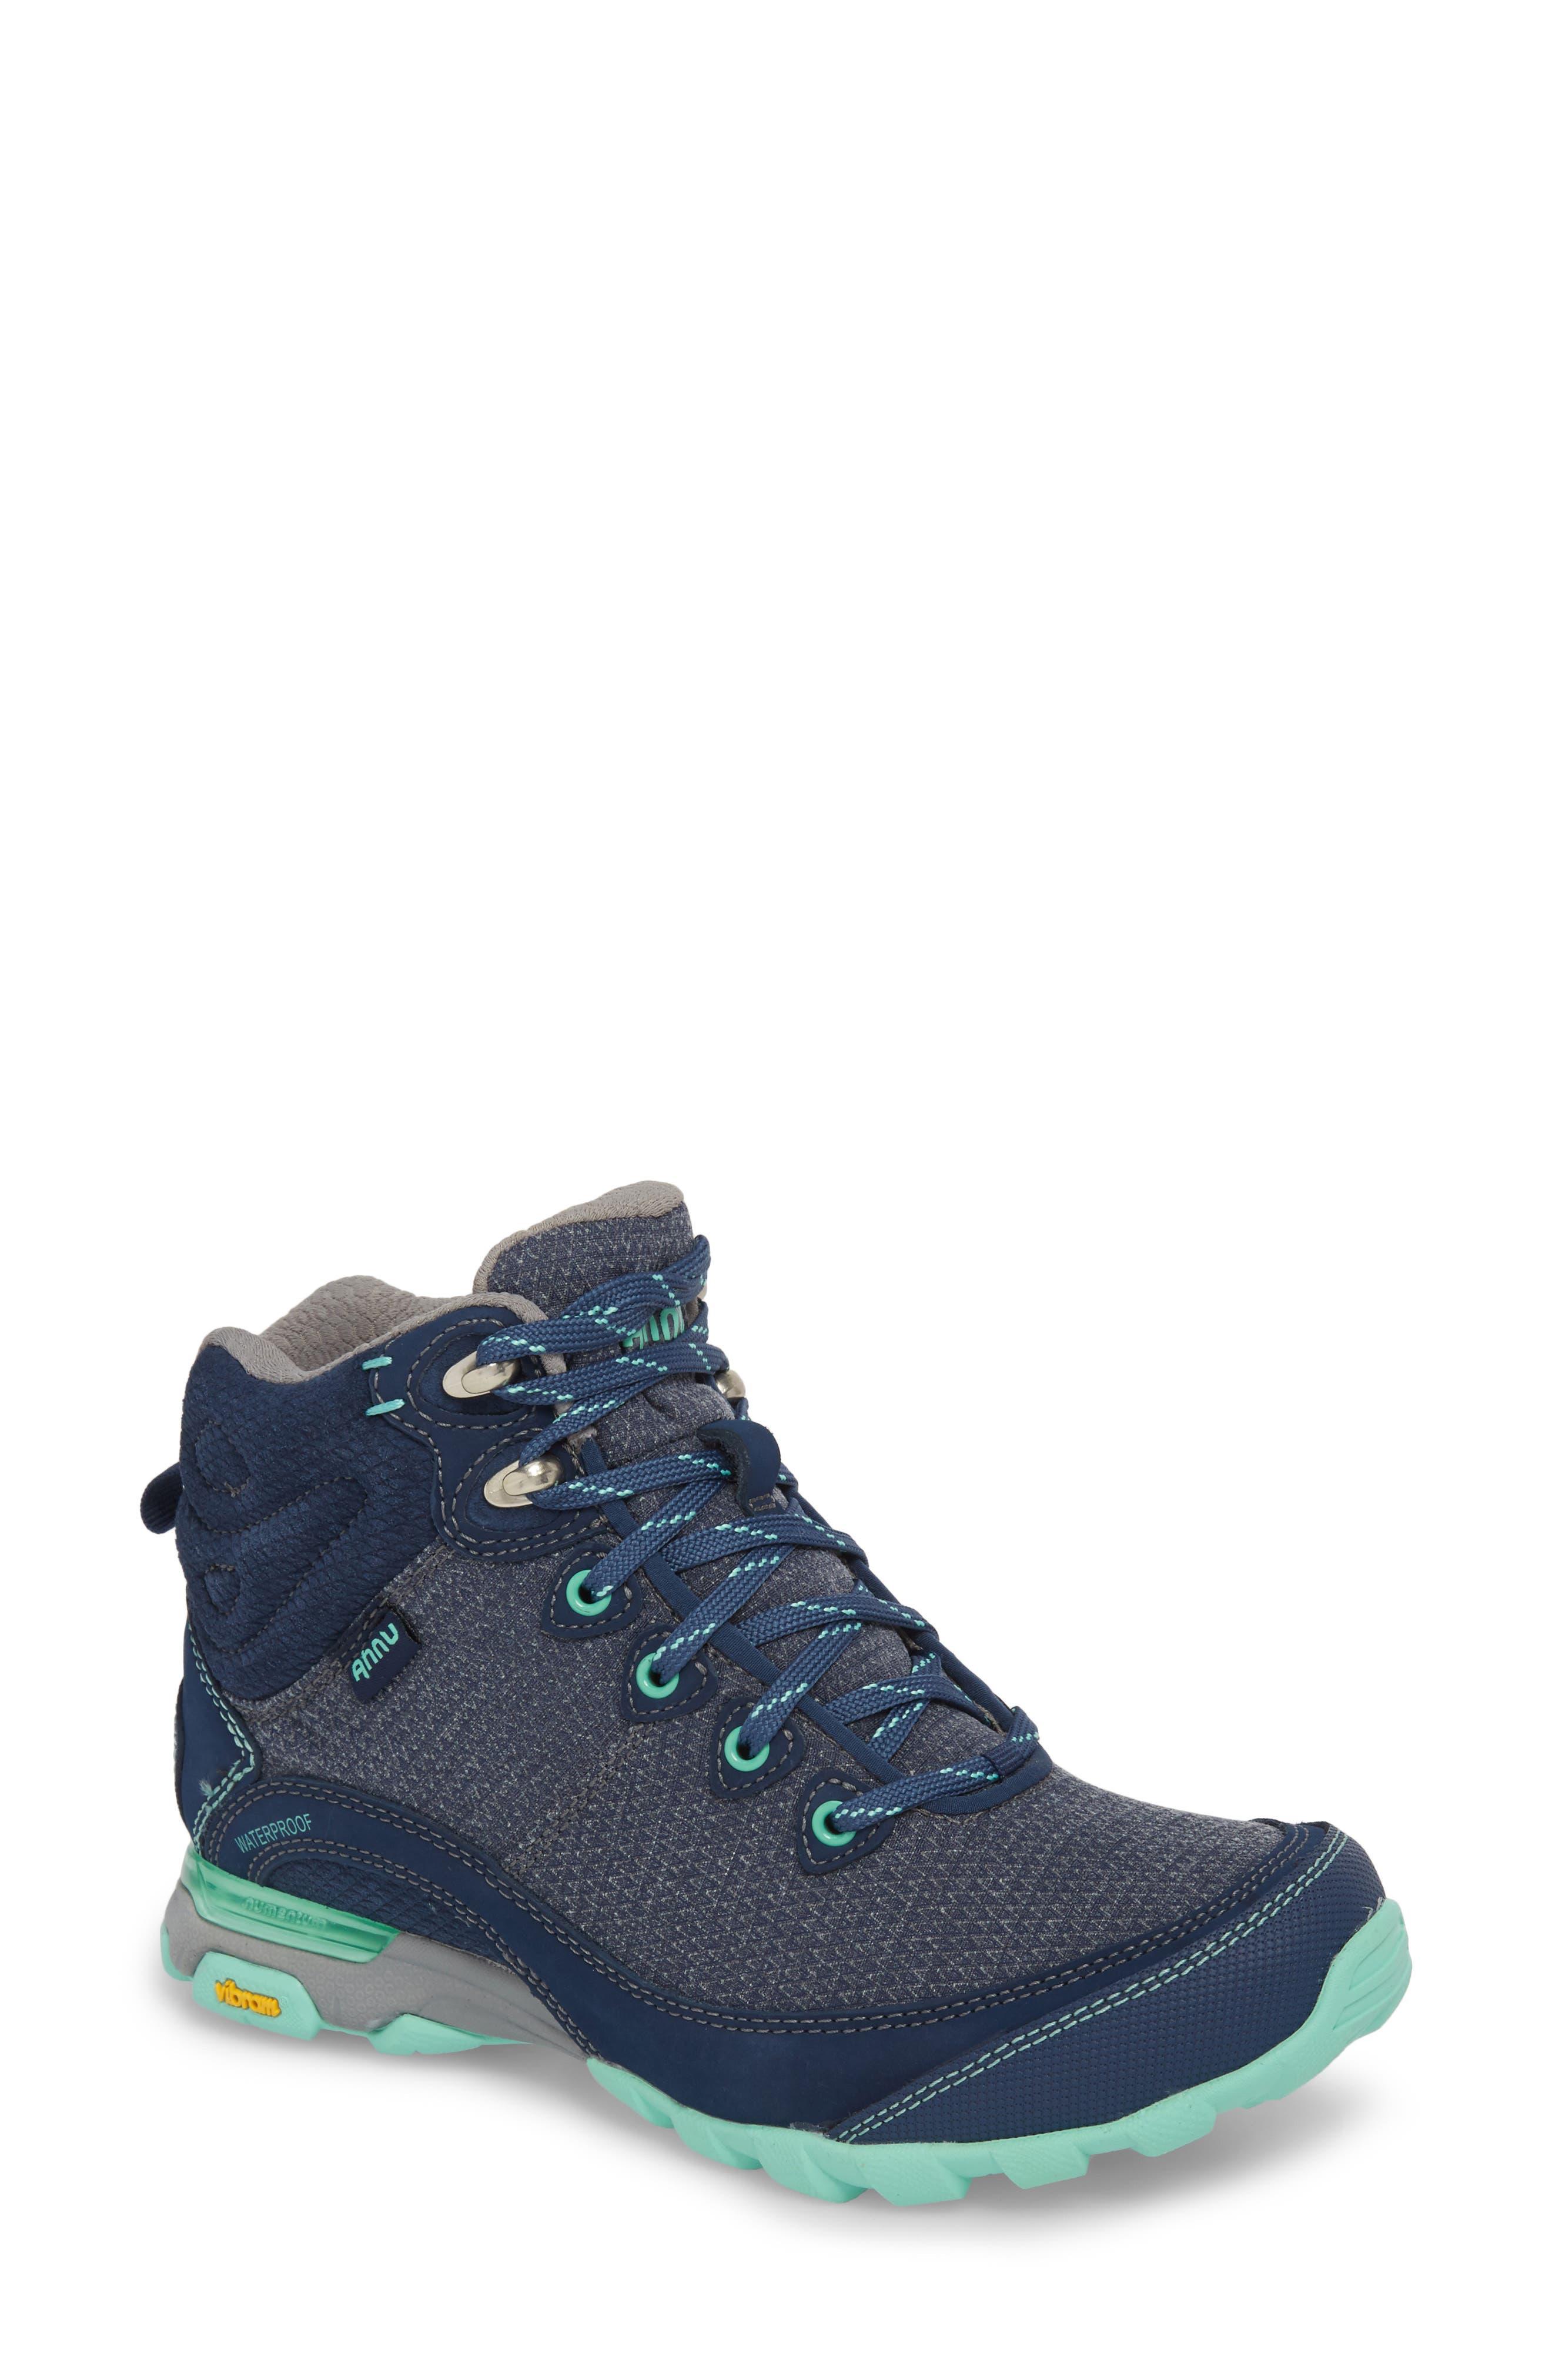 Ahnu By Teva Sugarpine Ii Waterproof Hiking Boot- Blue